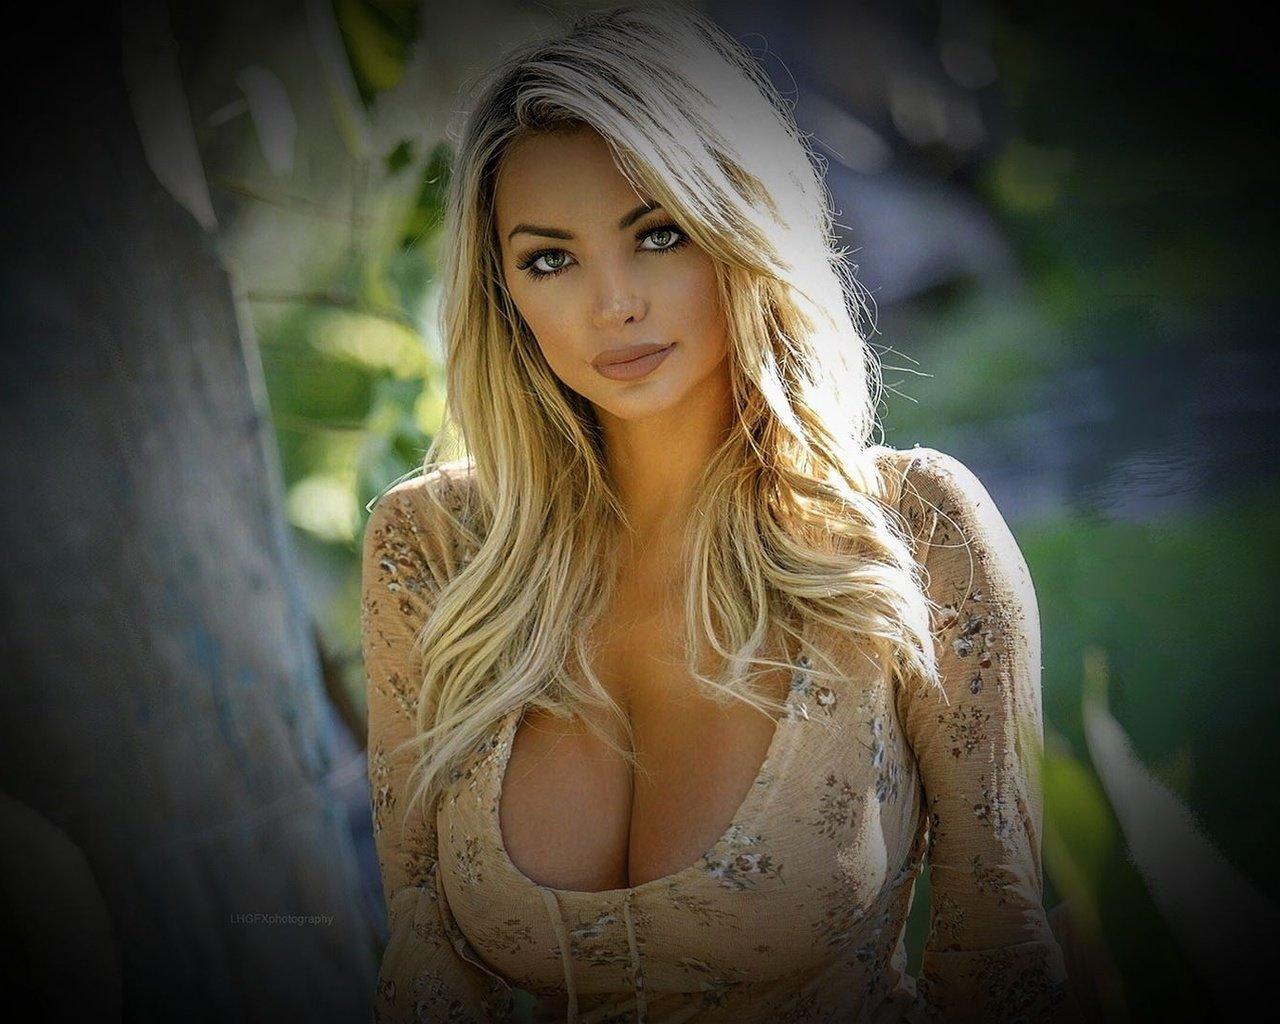 Sweet beautiful nude girls